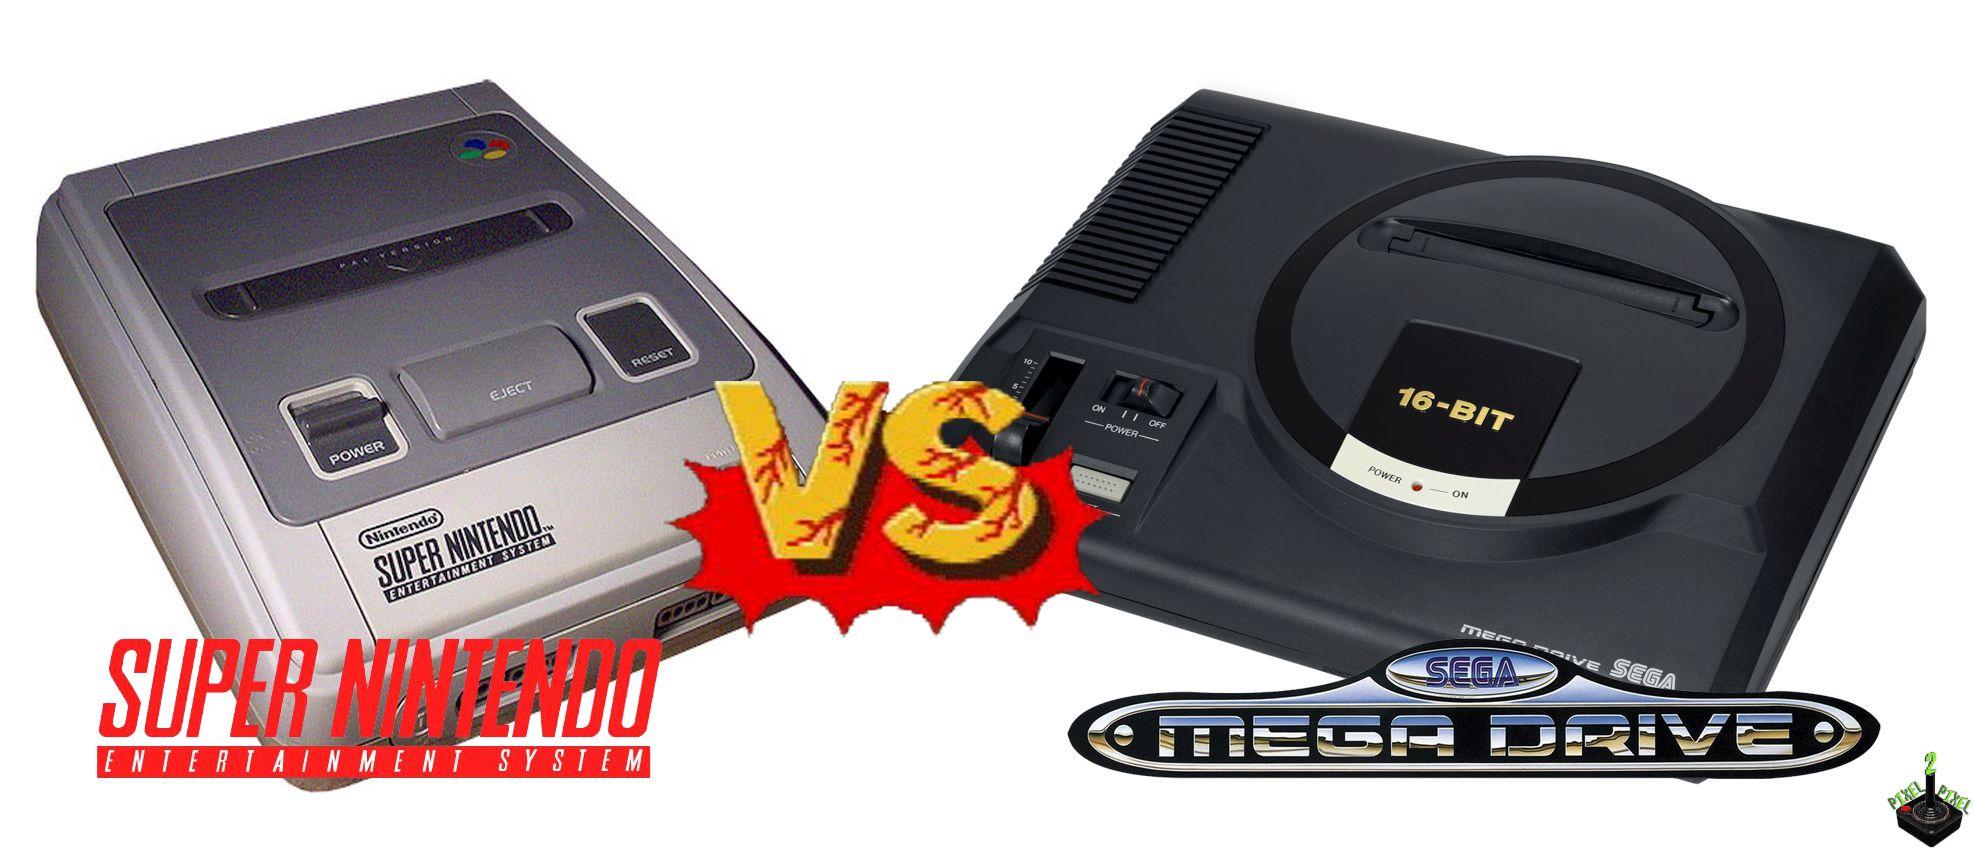 snes-vs-mega-drive-pixel2pixel